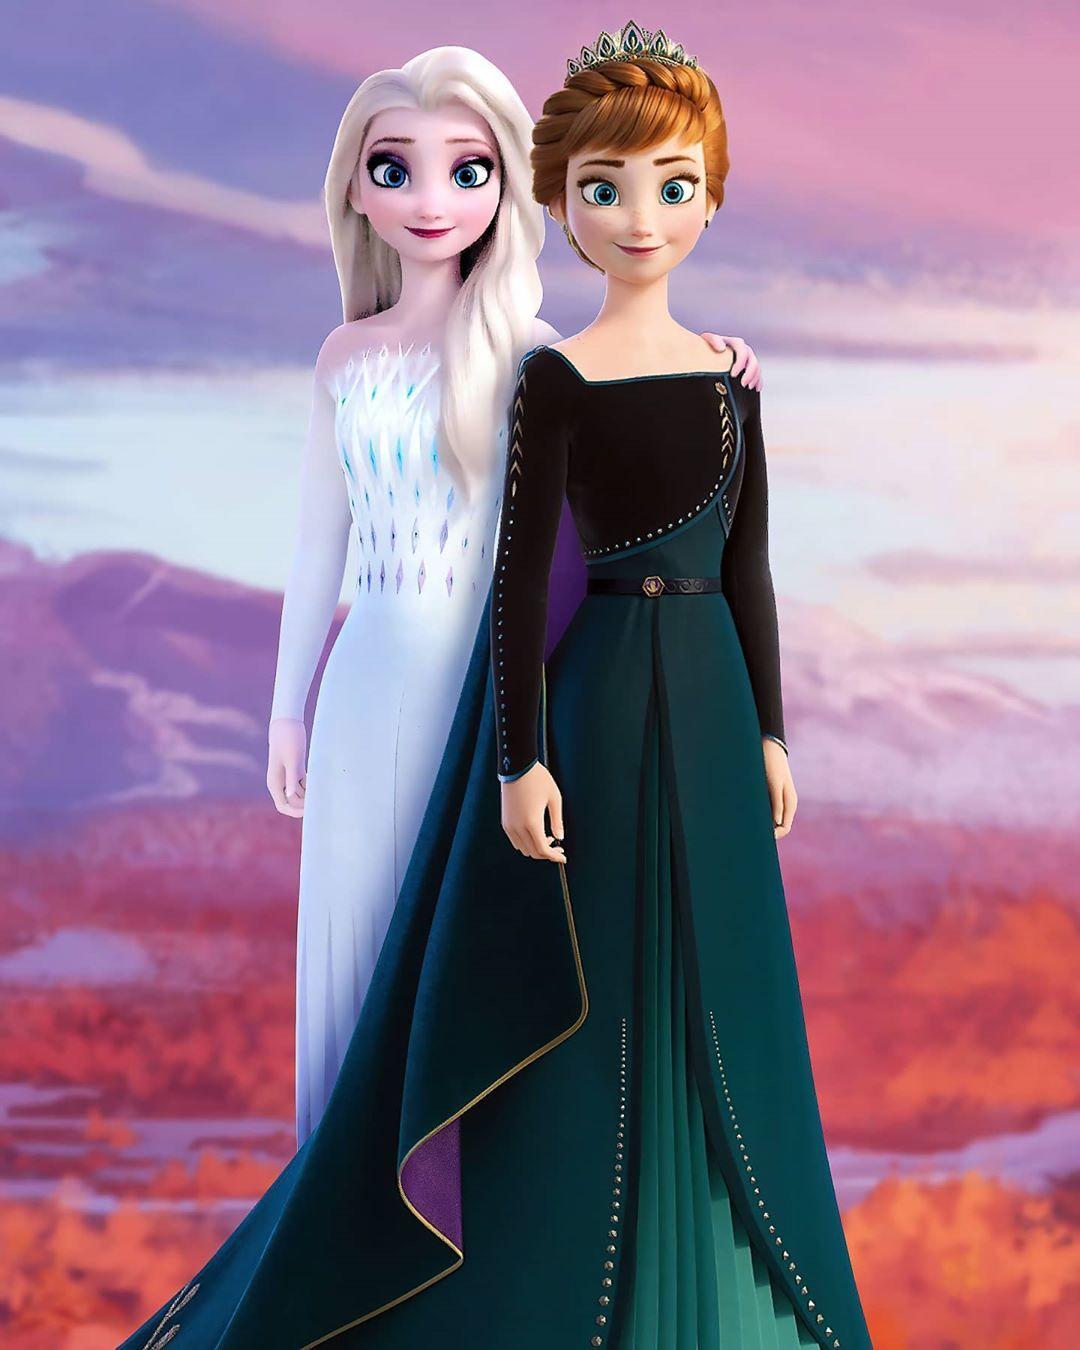 86 2 Tys Otmetok Nravitsya 148 Kommentariev Angel Light V Insta In 2020 Disney Prinzessinnen Bilder Disney Prinzessinnen Zeichnungen Frozen Hintergrundbild